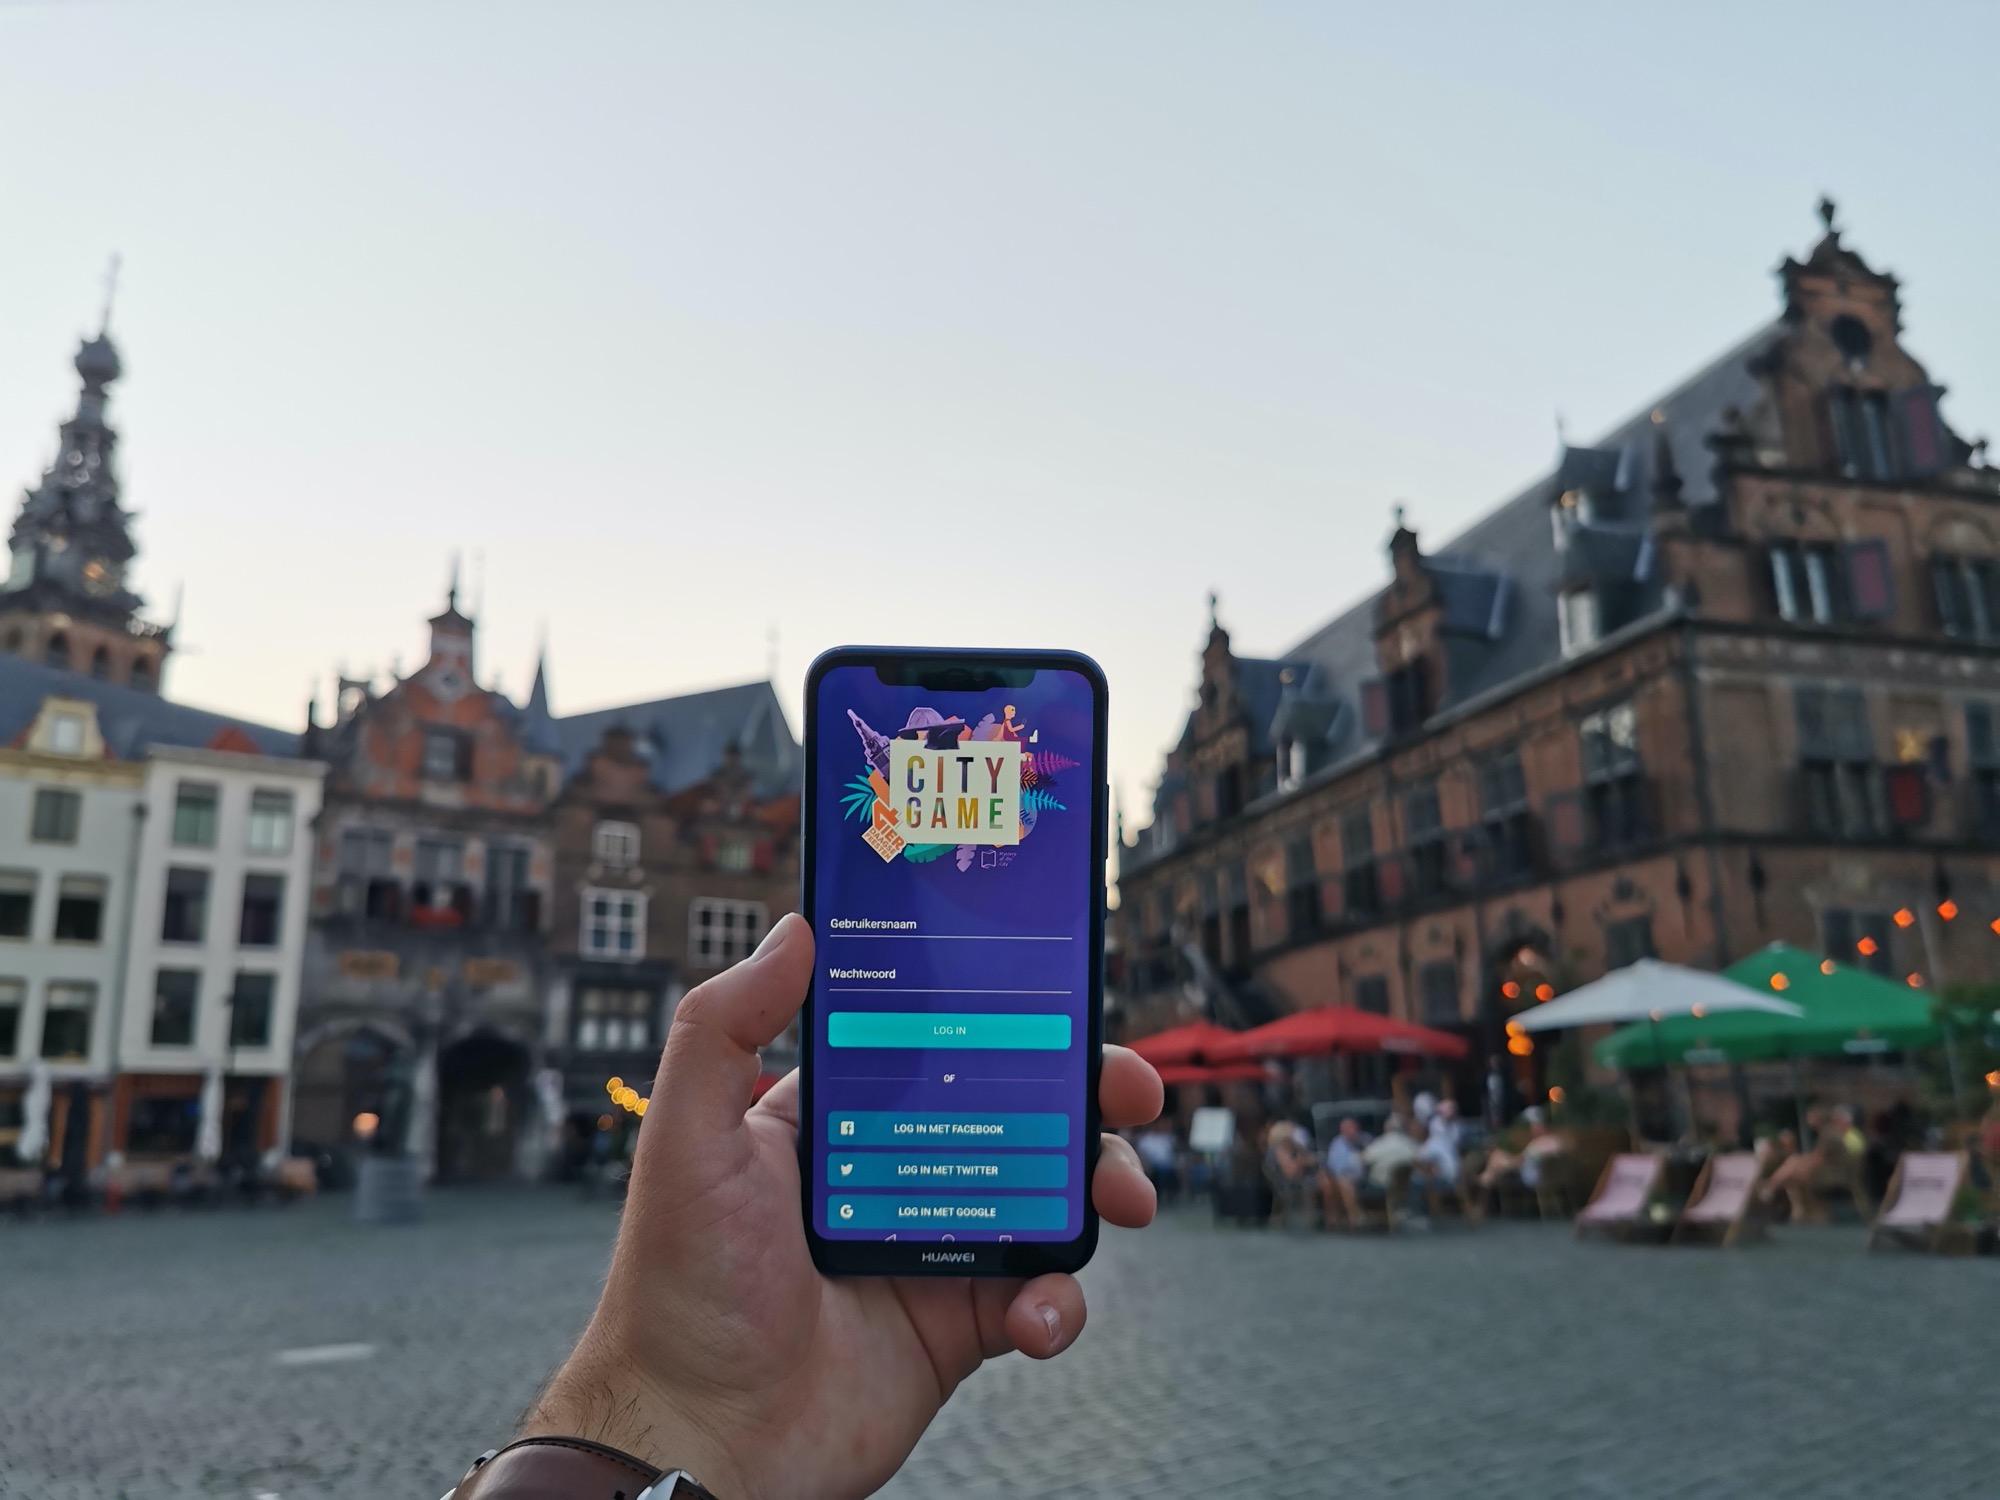 Ga aan de hand van clues en hints zelf op ontdekkingstocht door Nijmegen